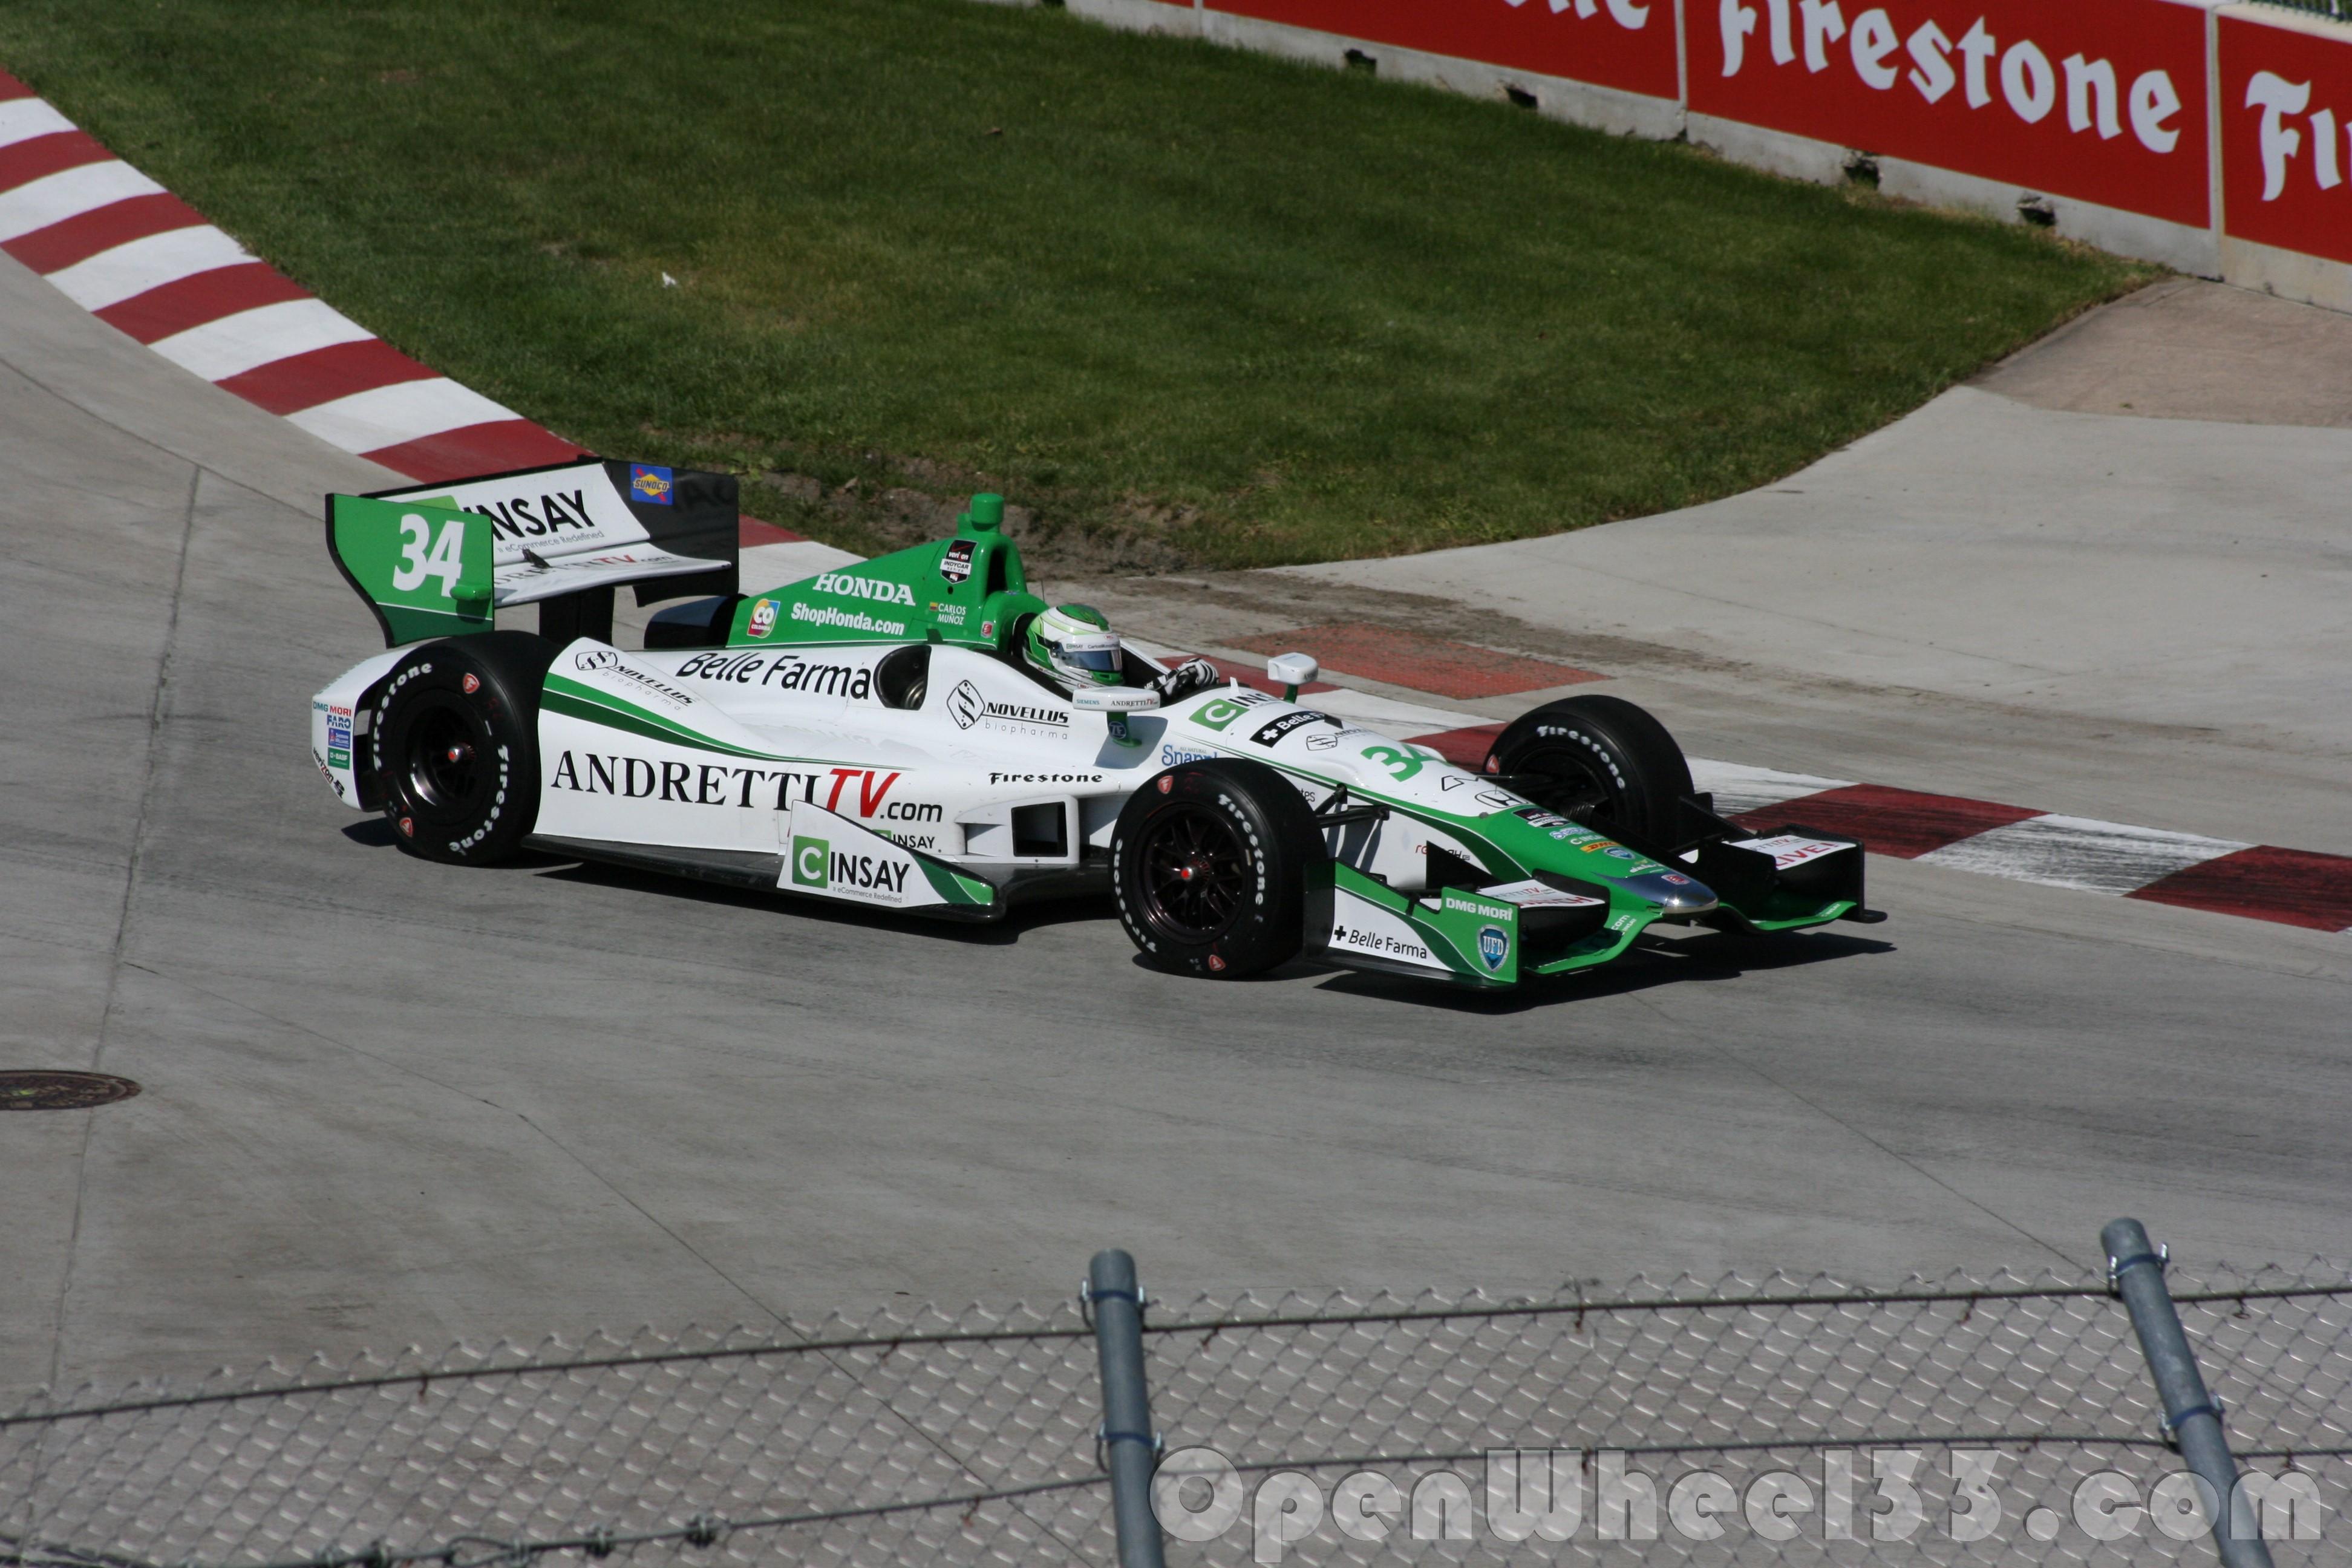 2014 Detroit GP R1 - 68 - PH